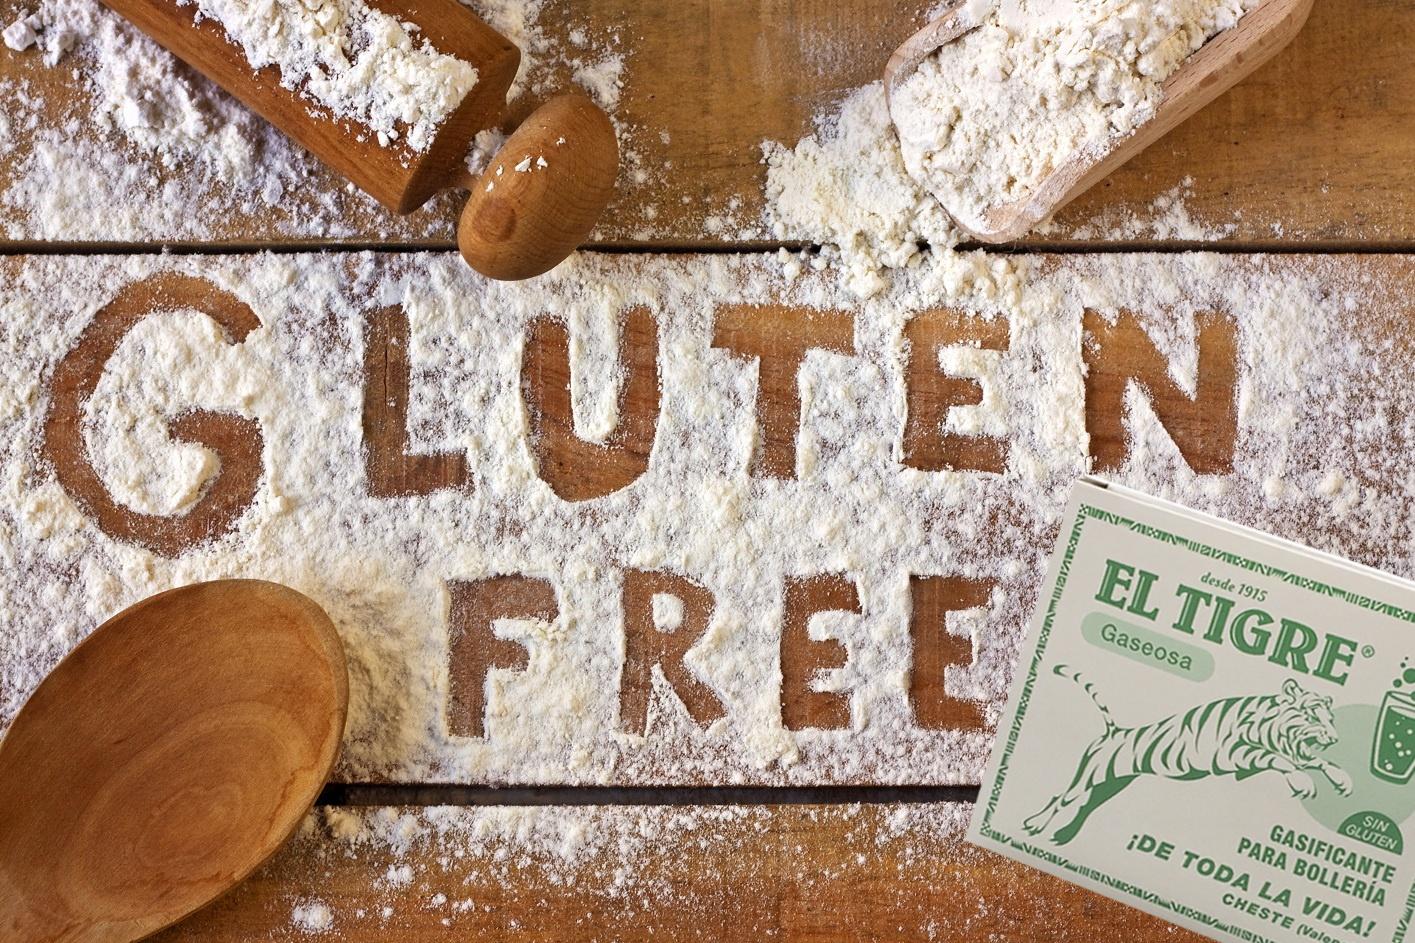 gluten free tigre